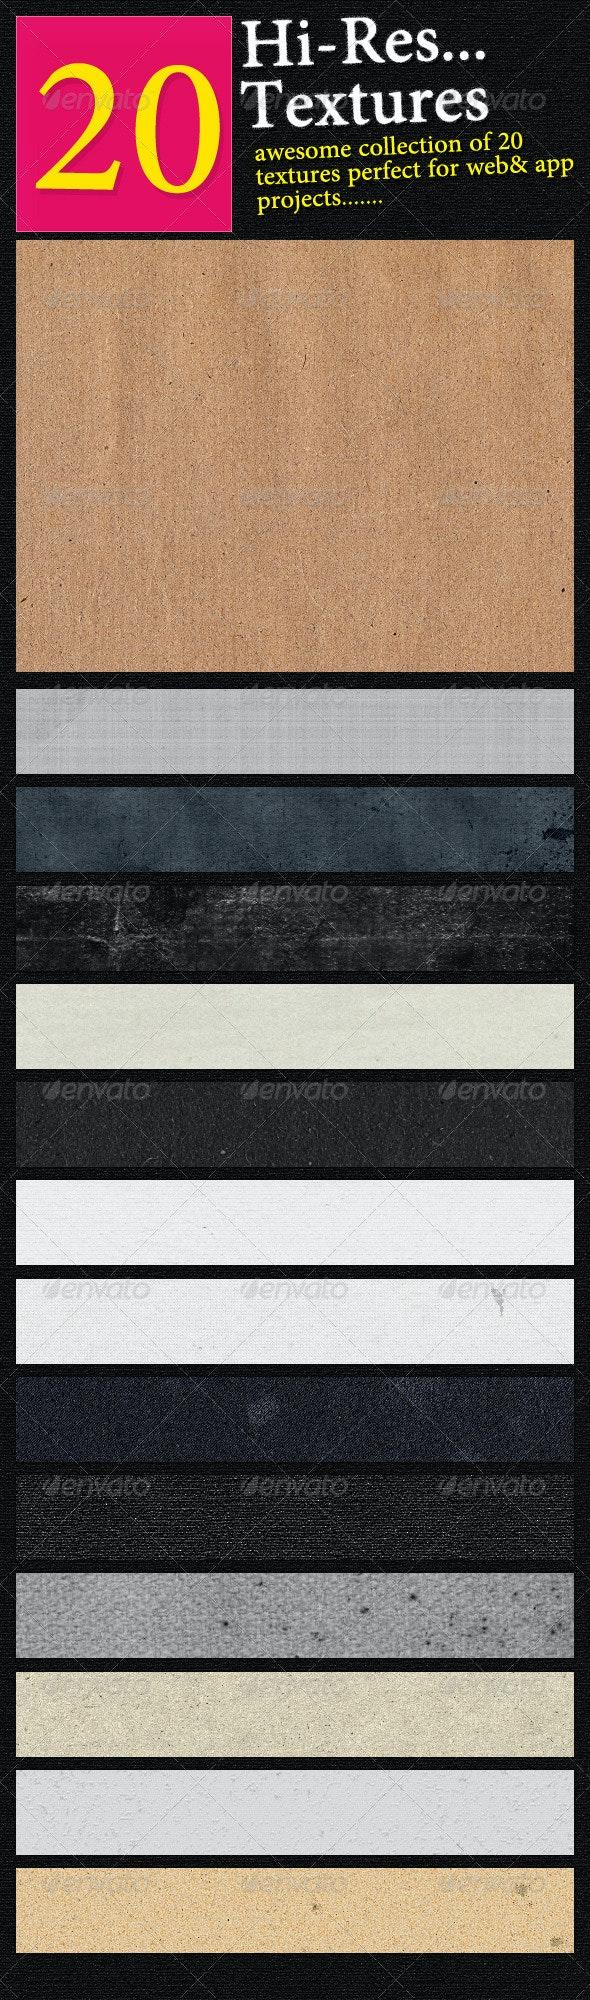 20 Hi-End Textures For Web&app Designers - Miscellaneous Textures